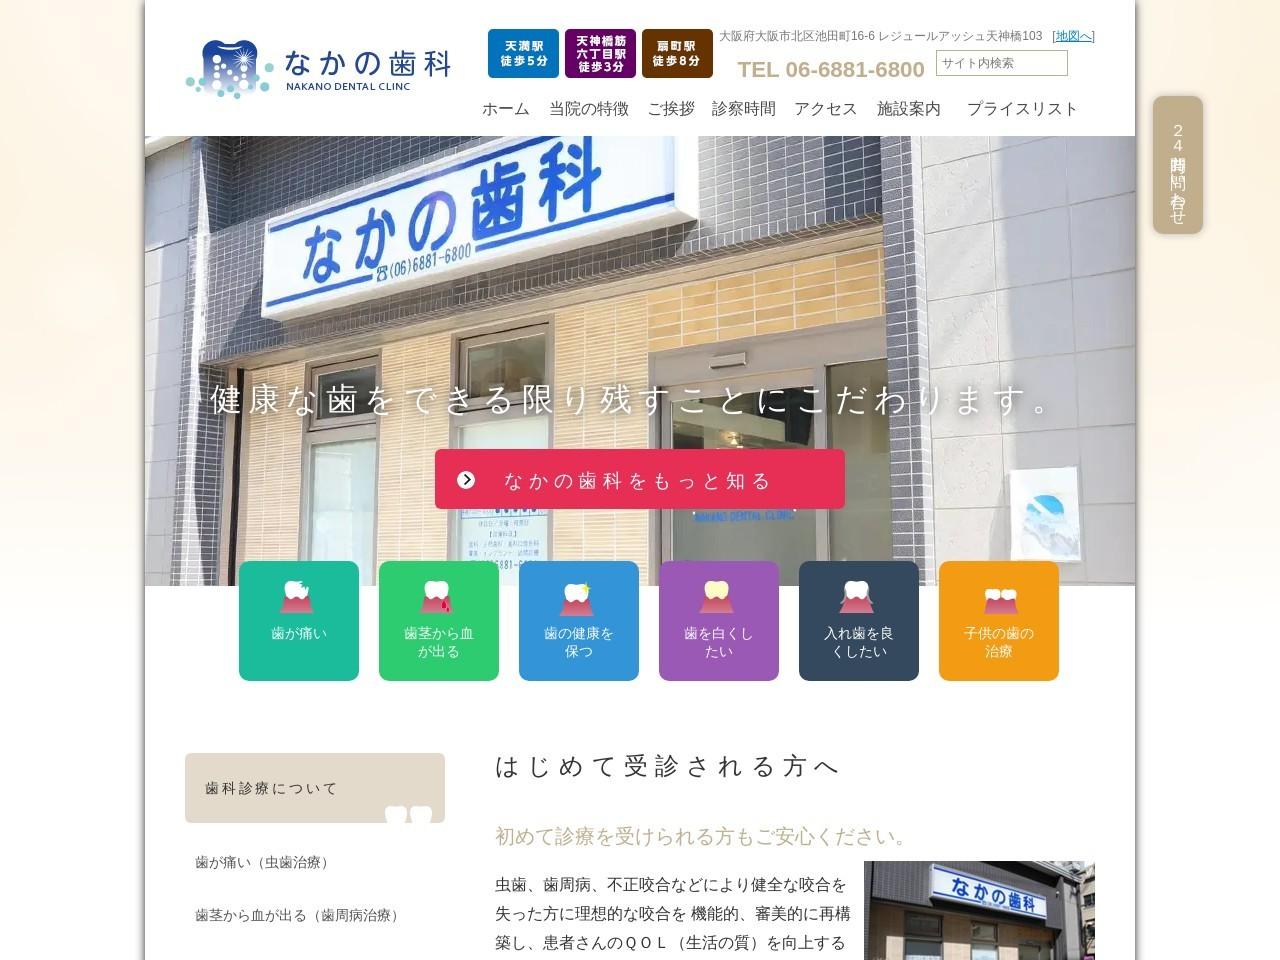 なかの歯科医院 (大阪府大阪市北区)